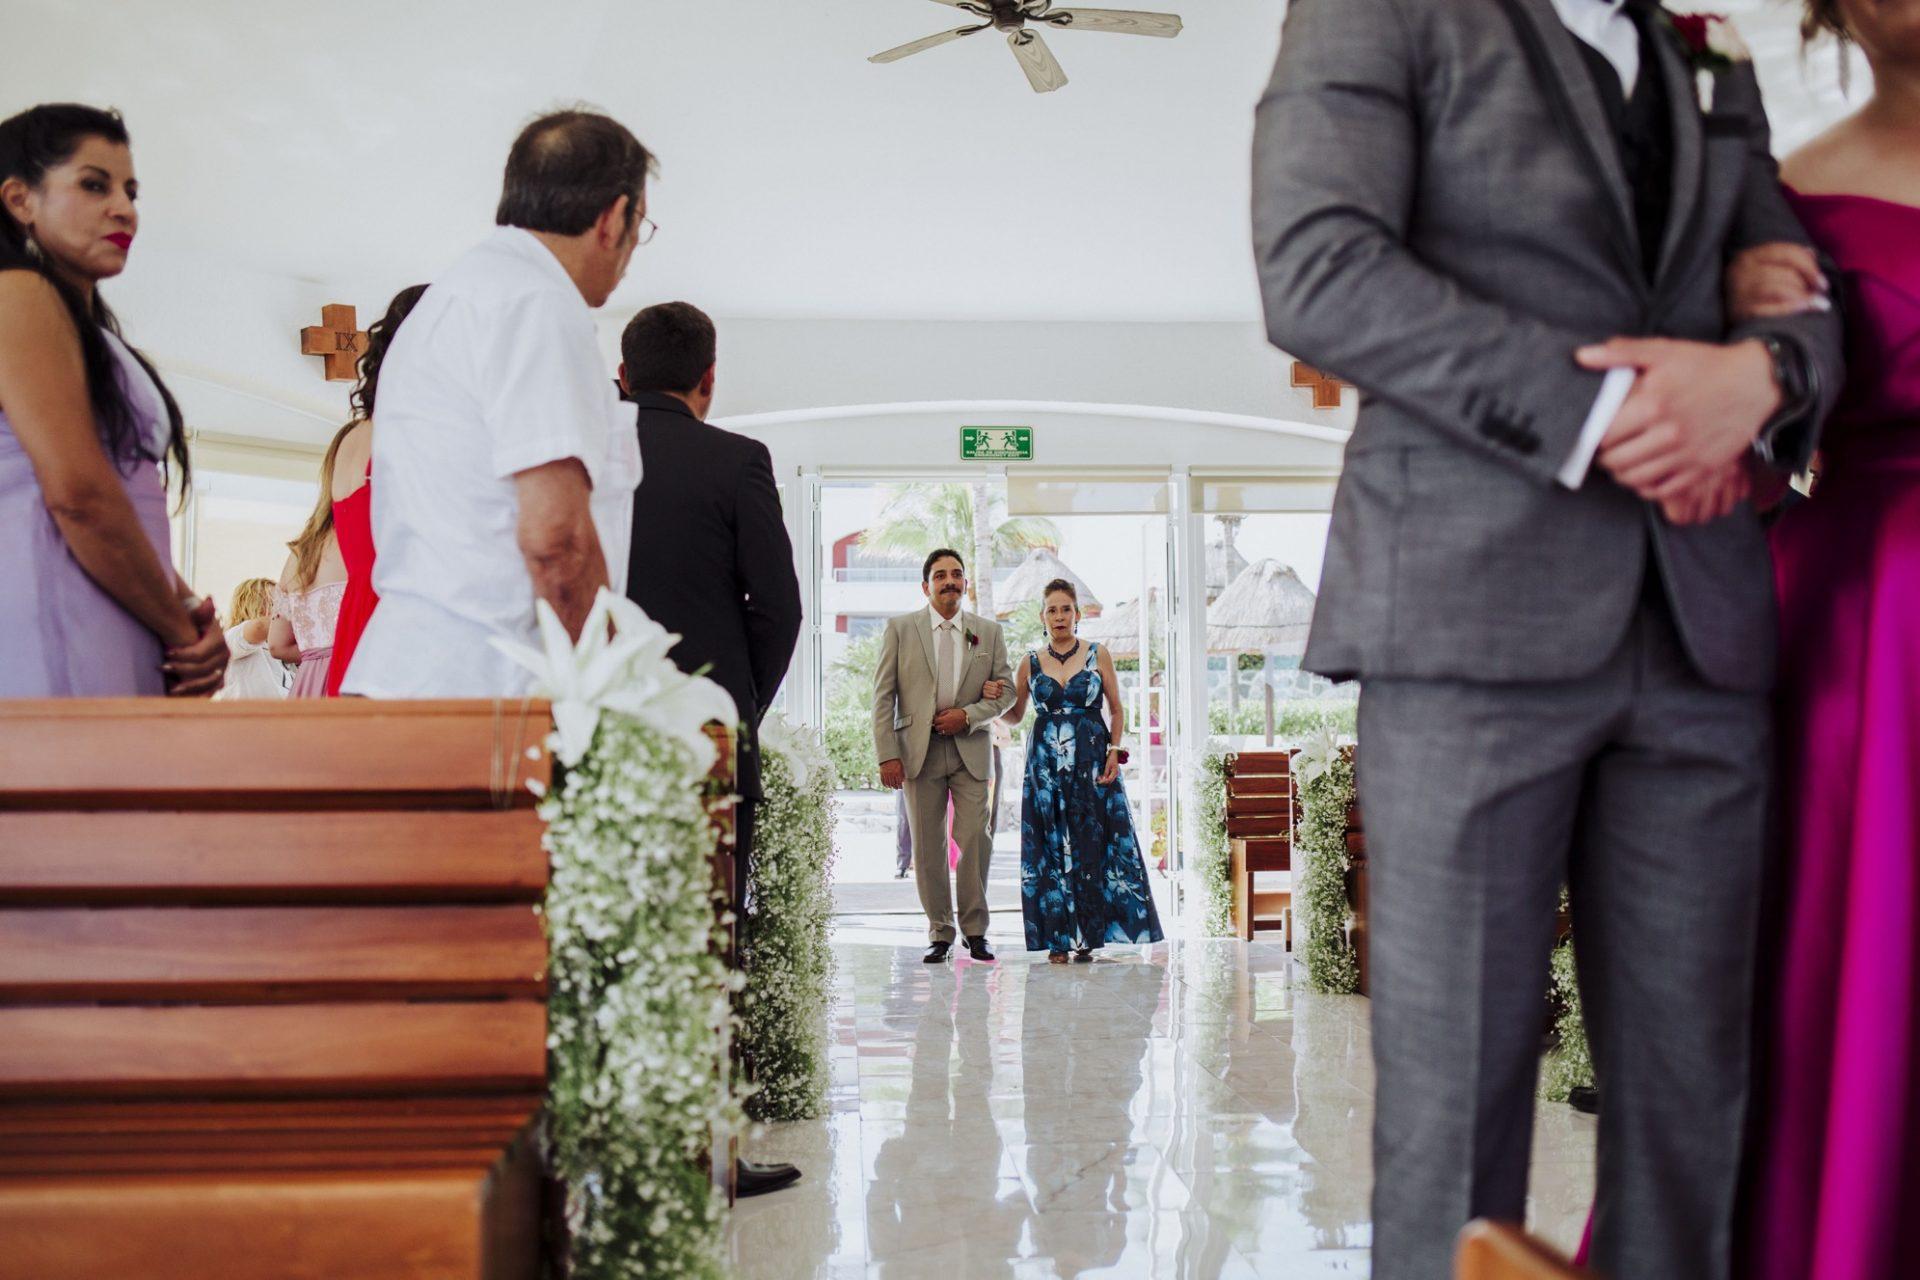 fotografo_bodas_profesional_zacatecas_riviera_maya_cancun-212